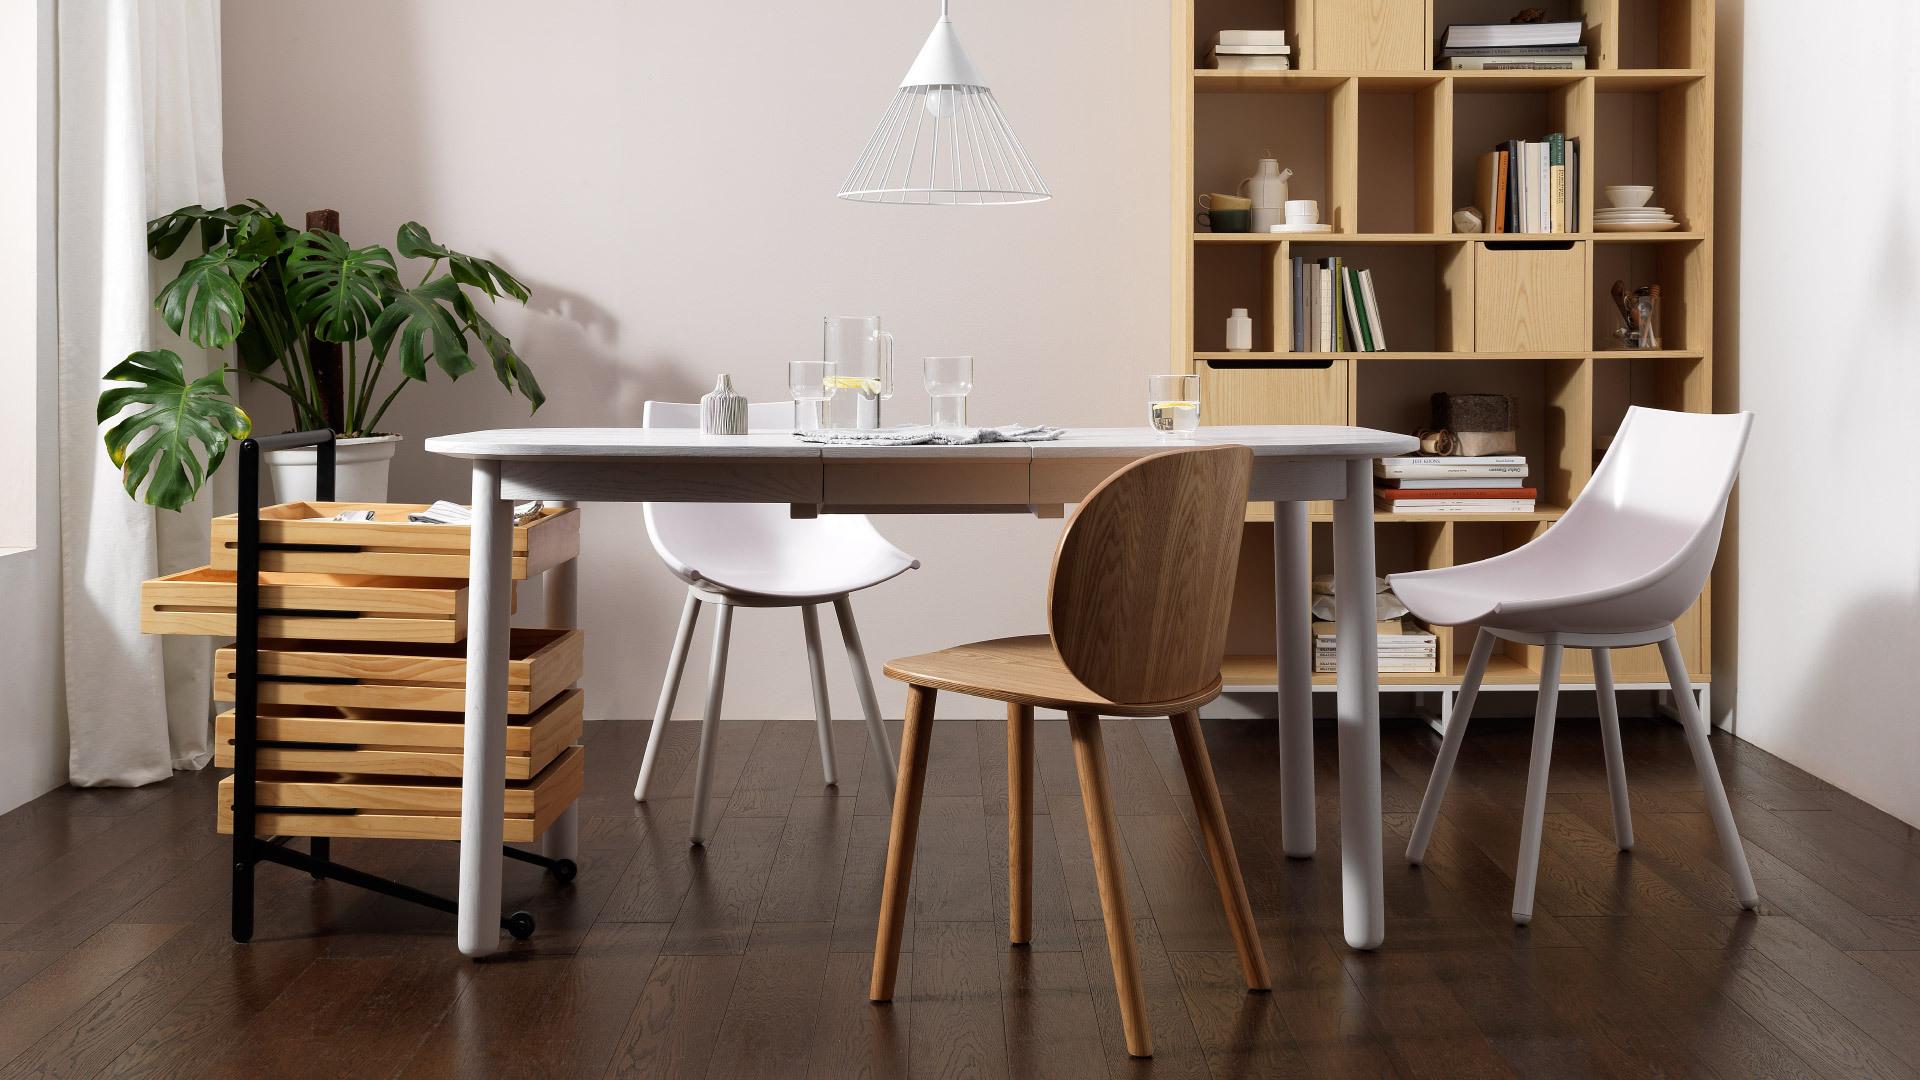 可移动的餐具柜,欢聚时刻的时髦话题